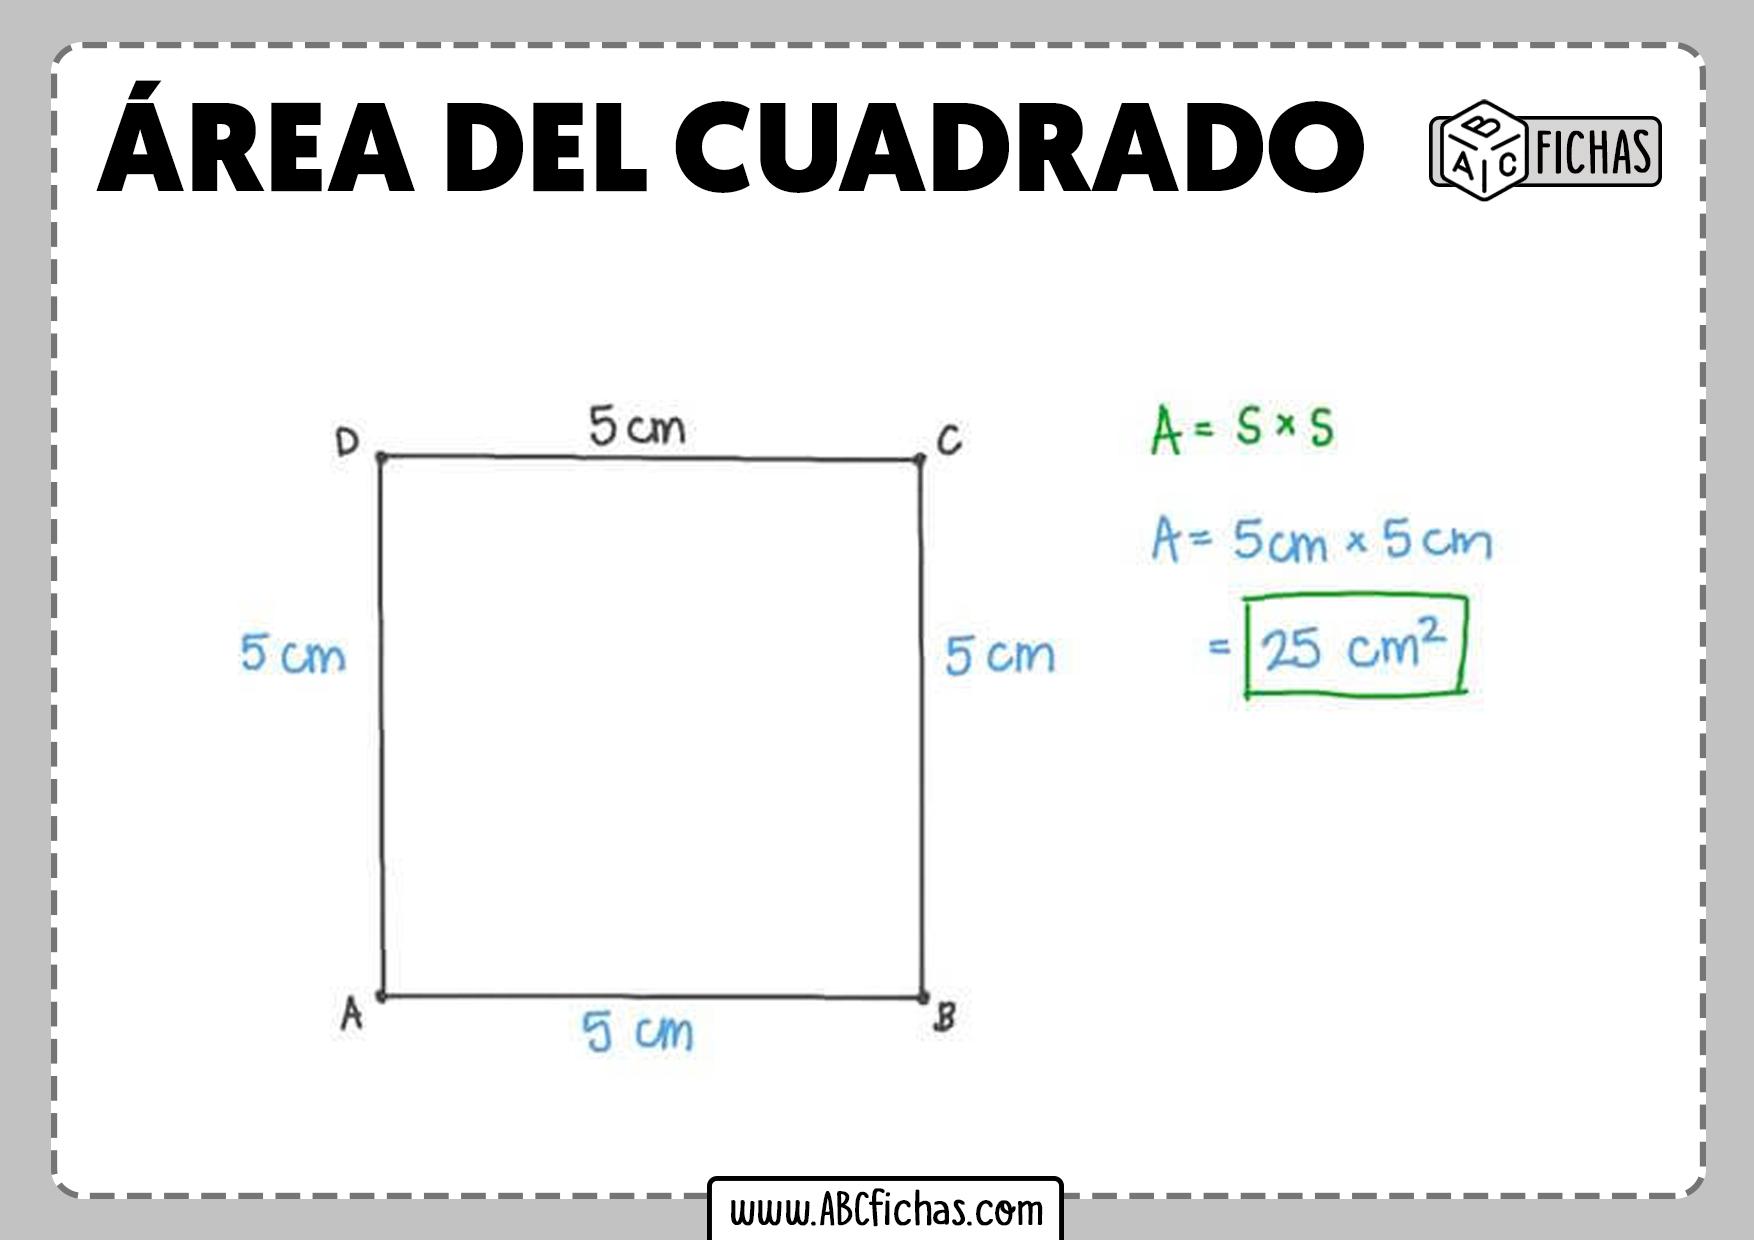 Calcular area del cuadrado